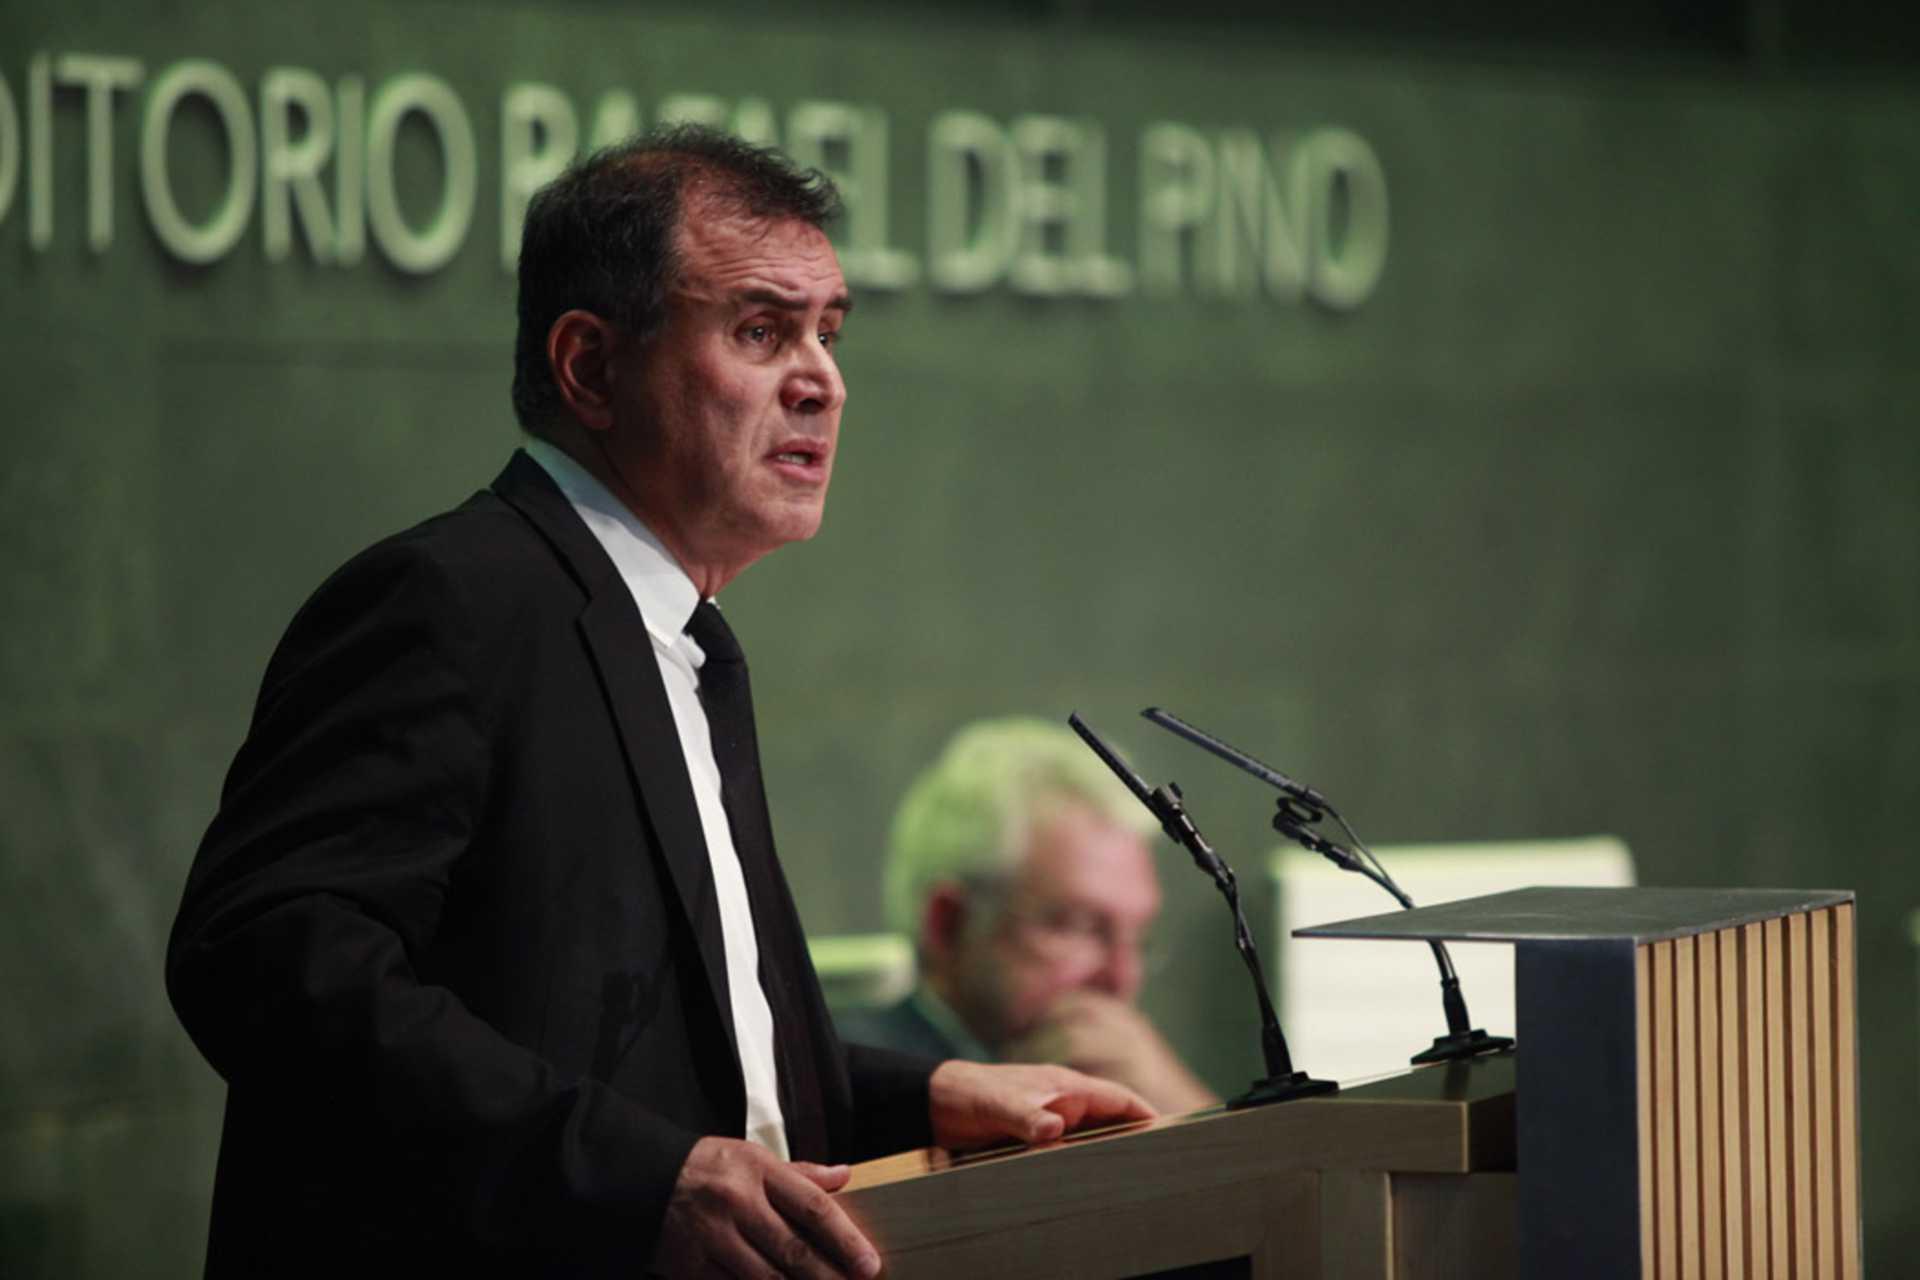 Puede sobrevivir la Eurozona o asistiremos a su definitivo derrumbe